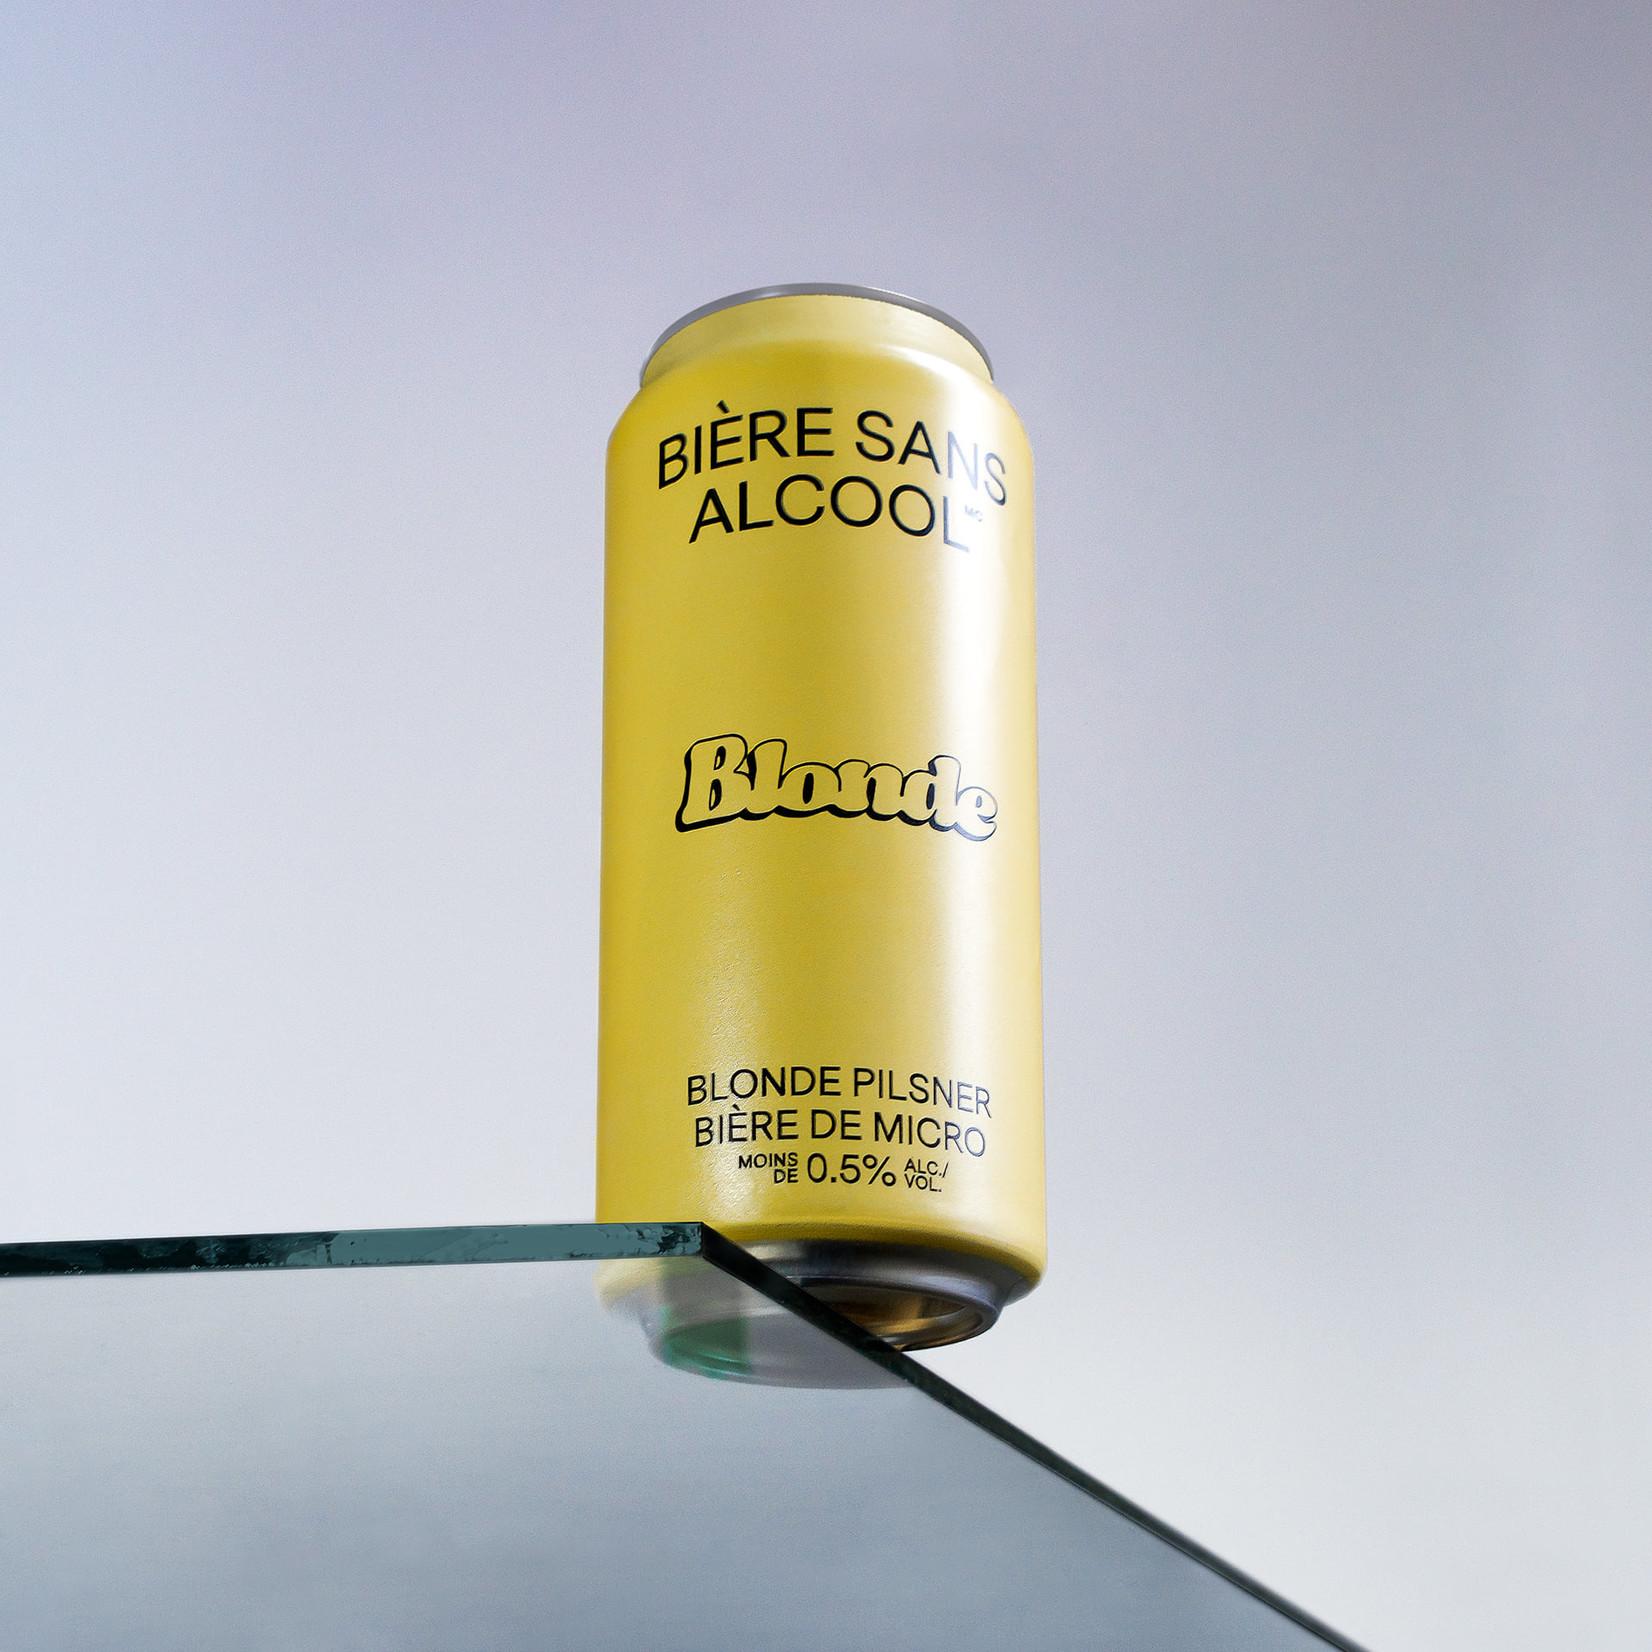 Biere Sans Alcool Biere Sans Alcool Blonde Pilsner